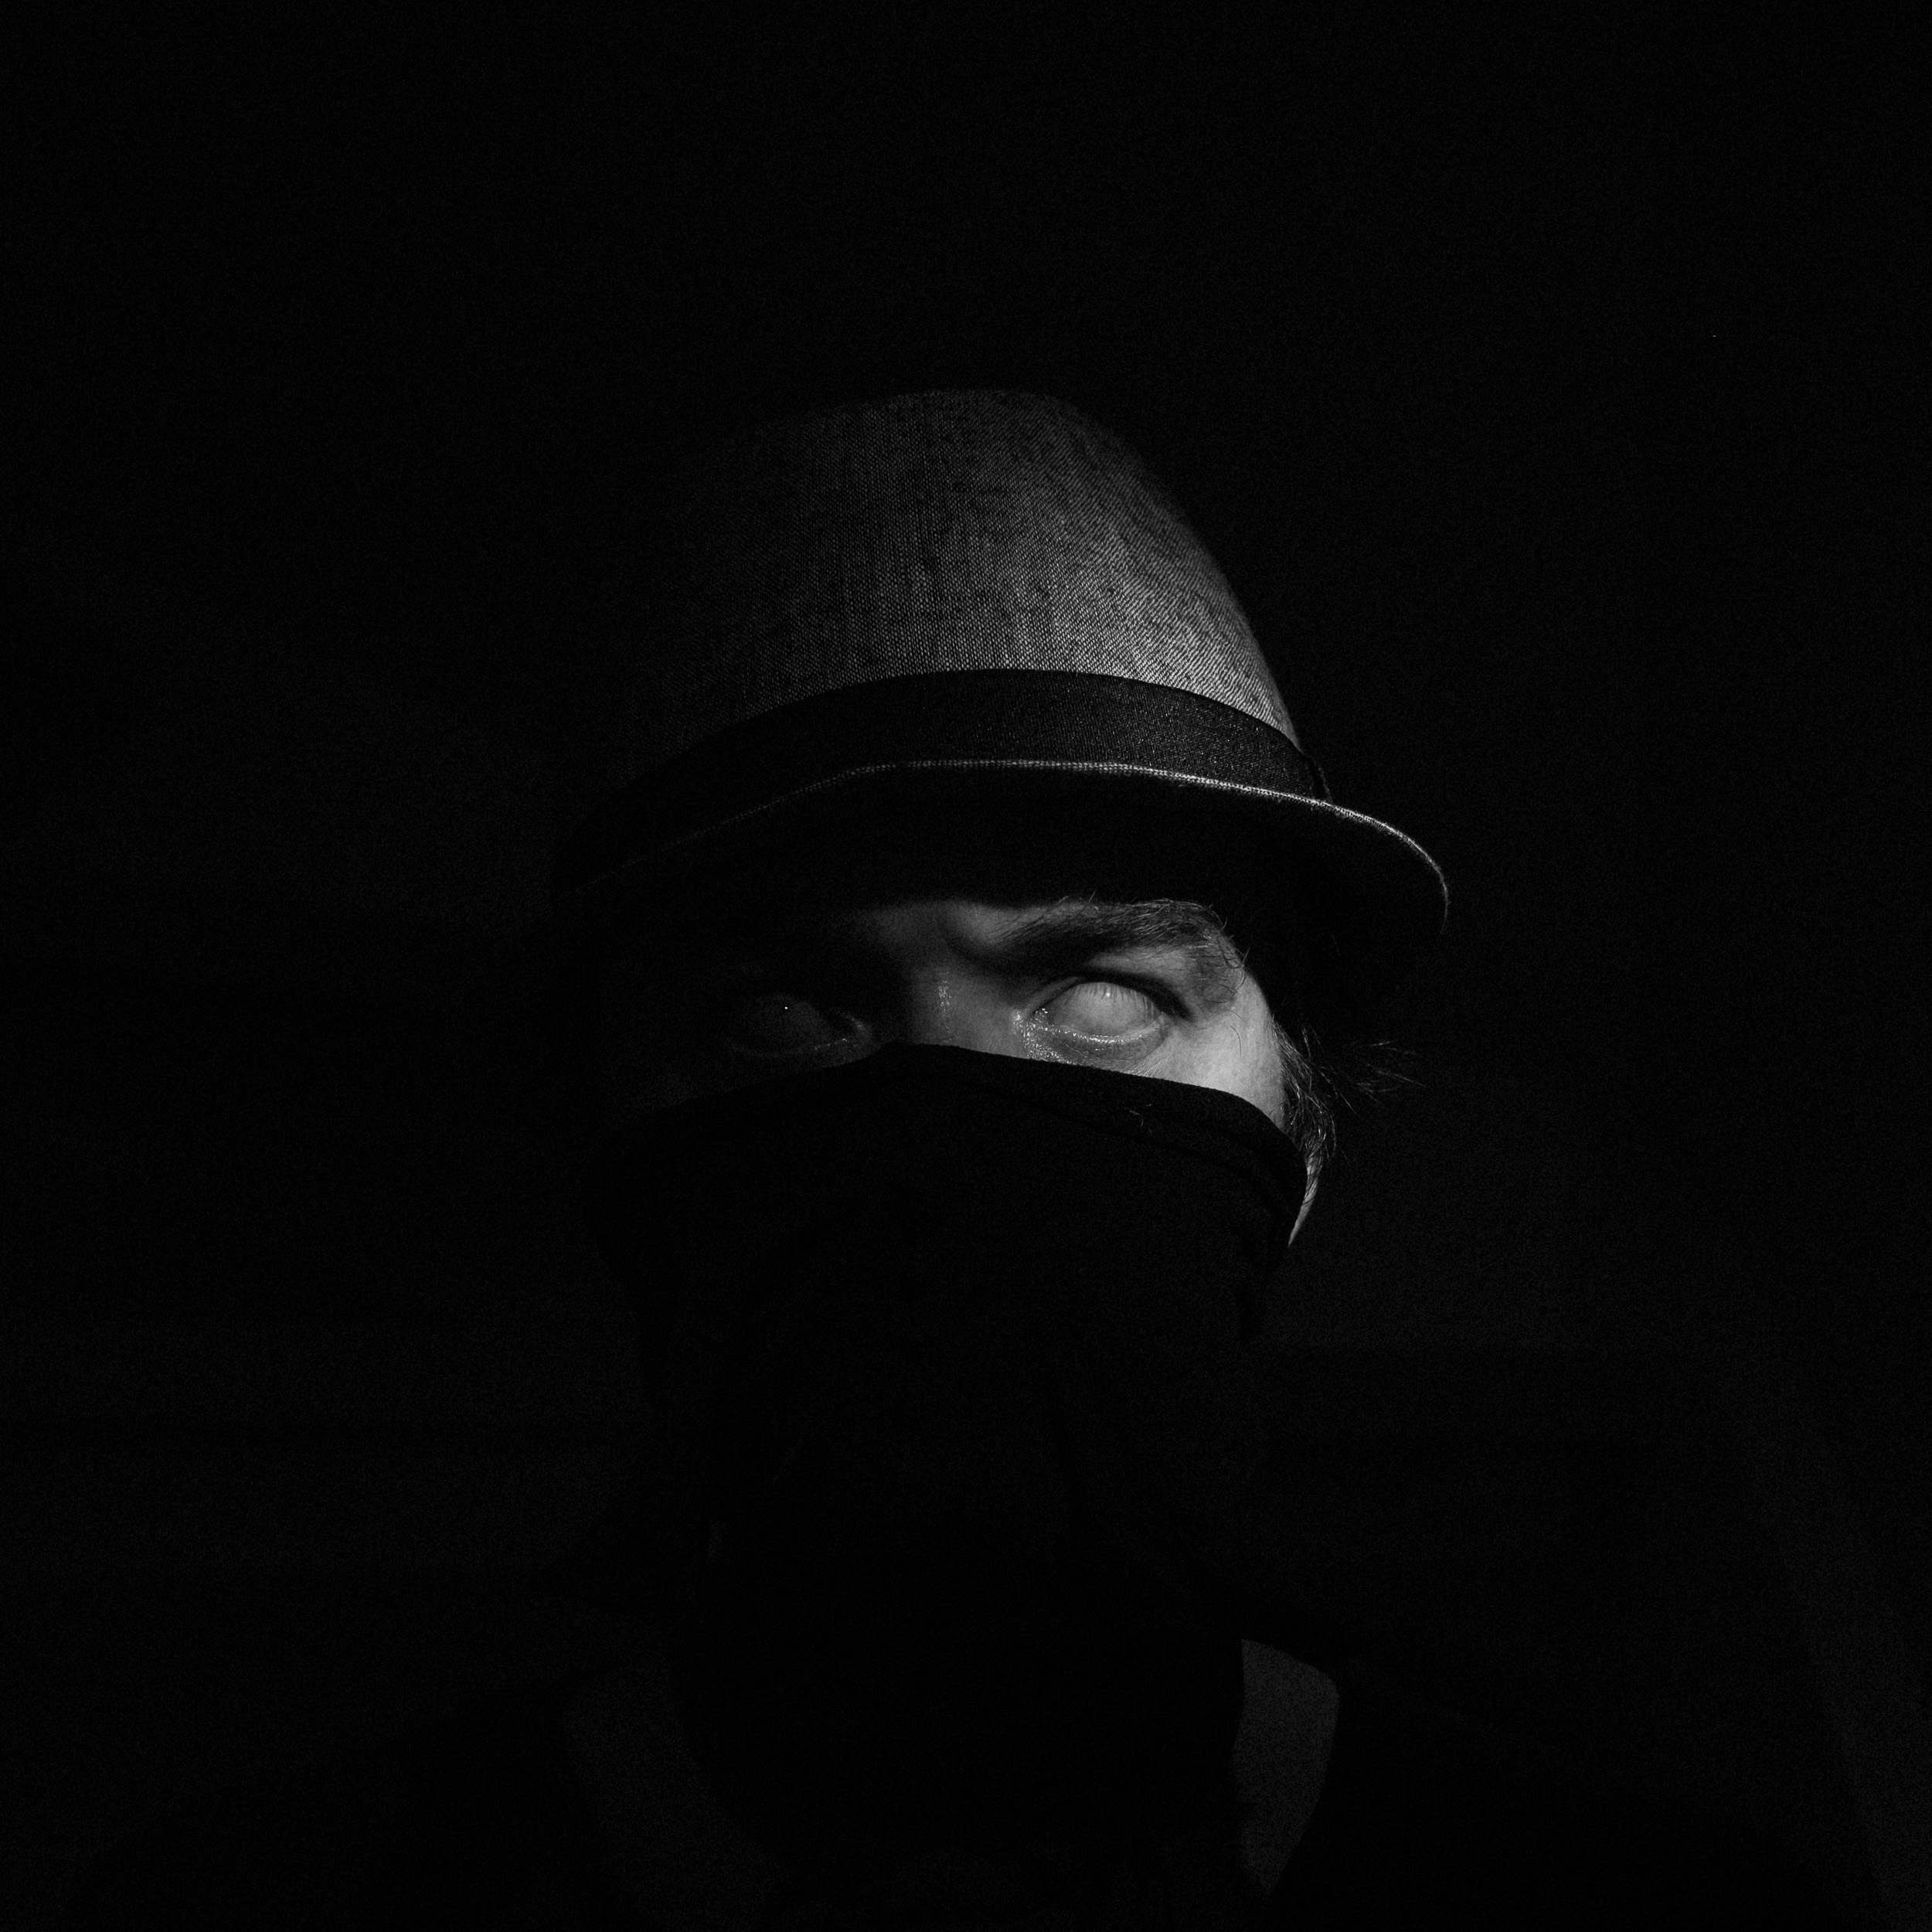 Frode_Olsen_Portrait_photographer_20.jpg